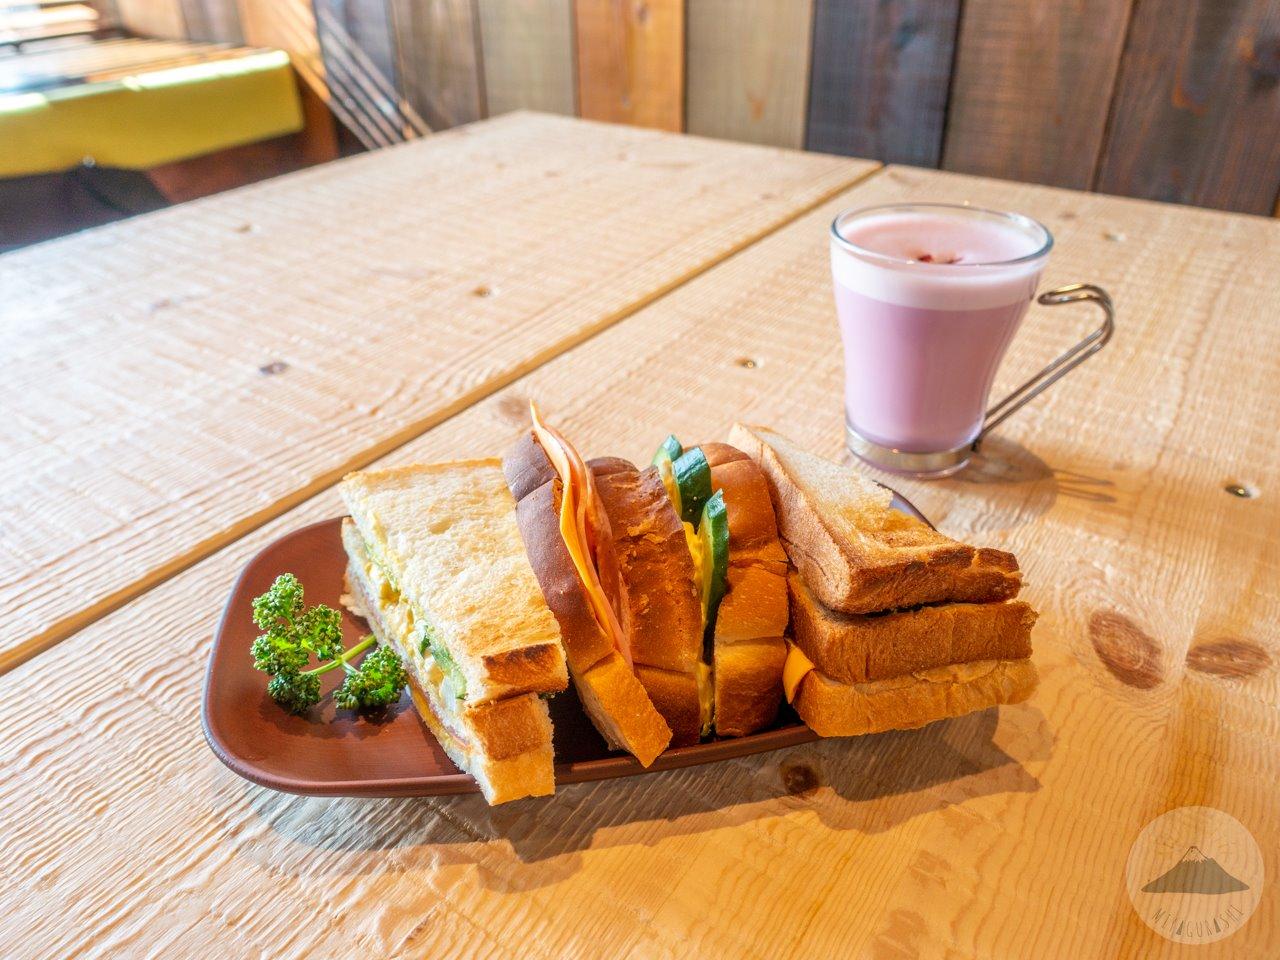 高山珈琲店のタカヤマミックスサンドとルビーチョコレートドリンク